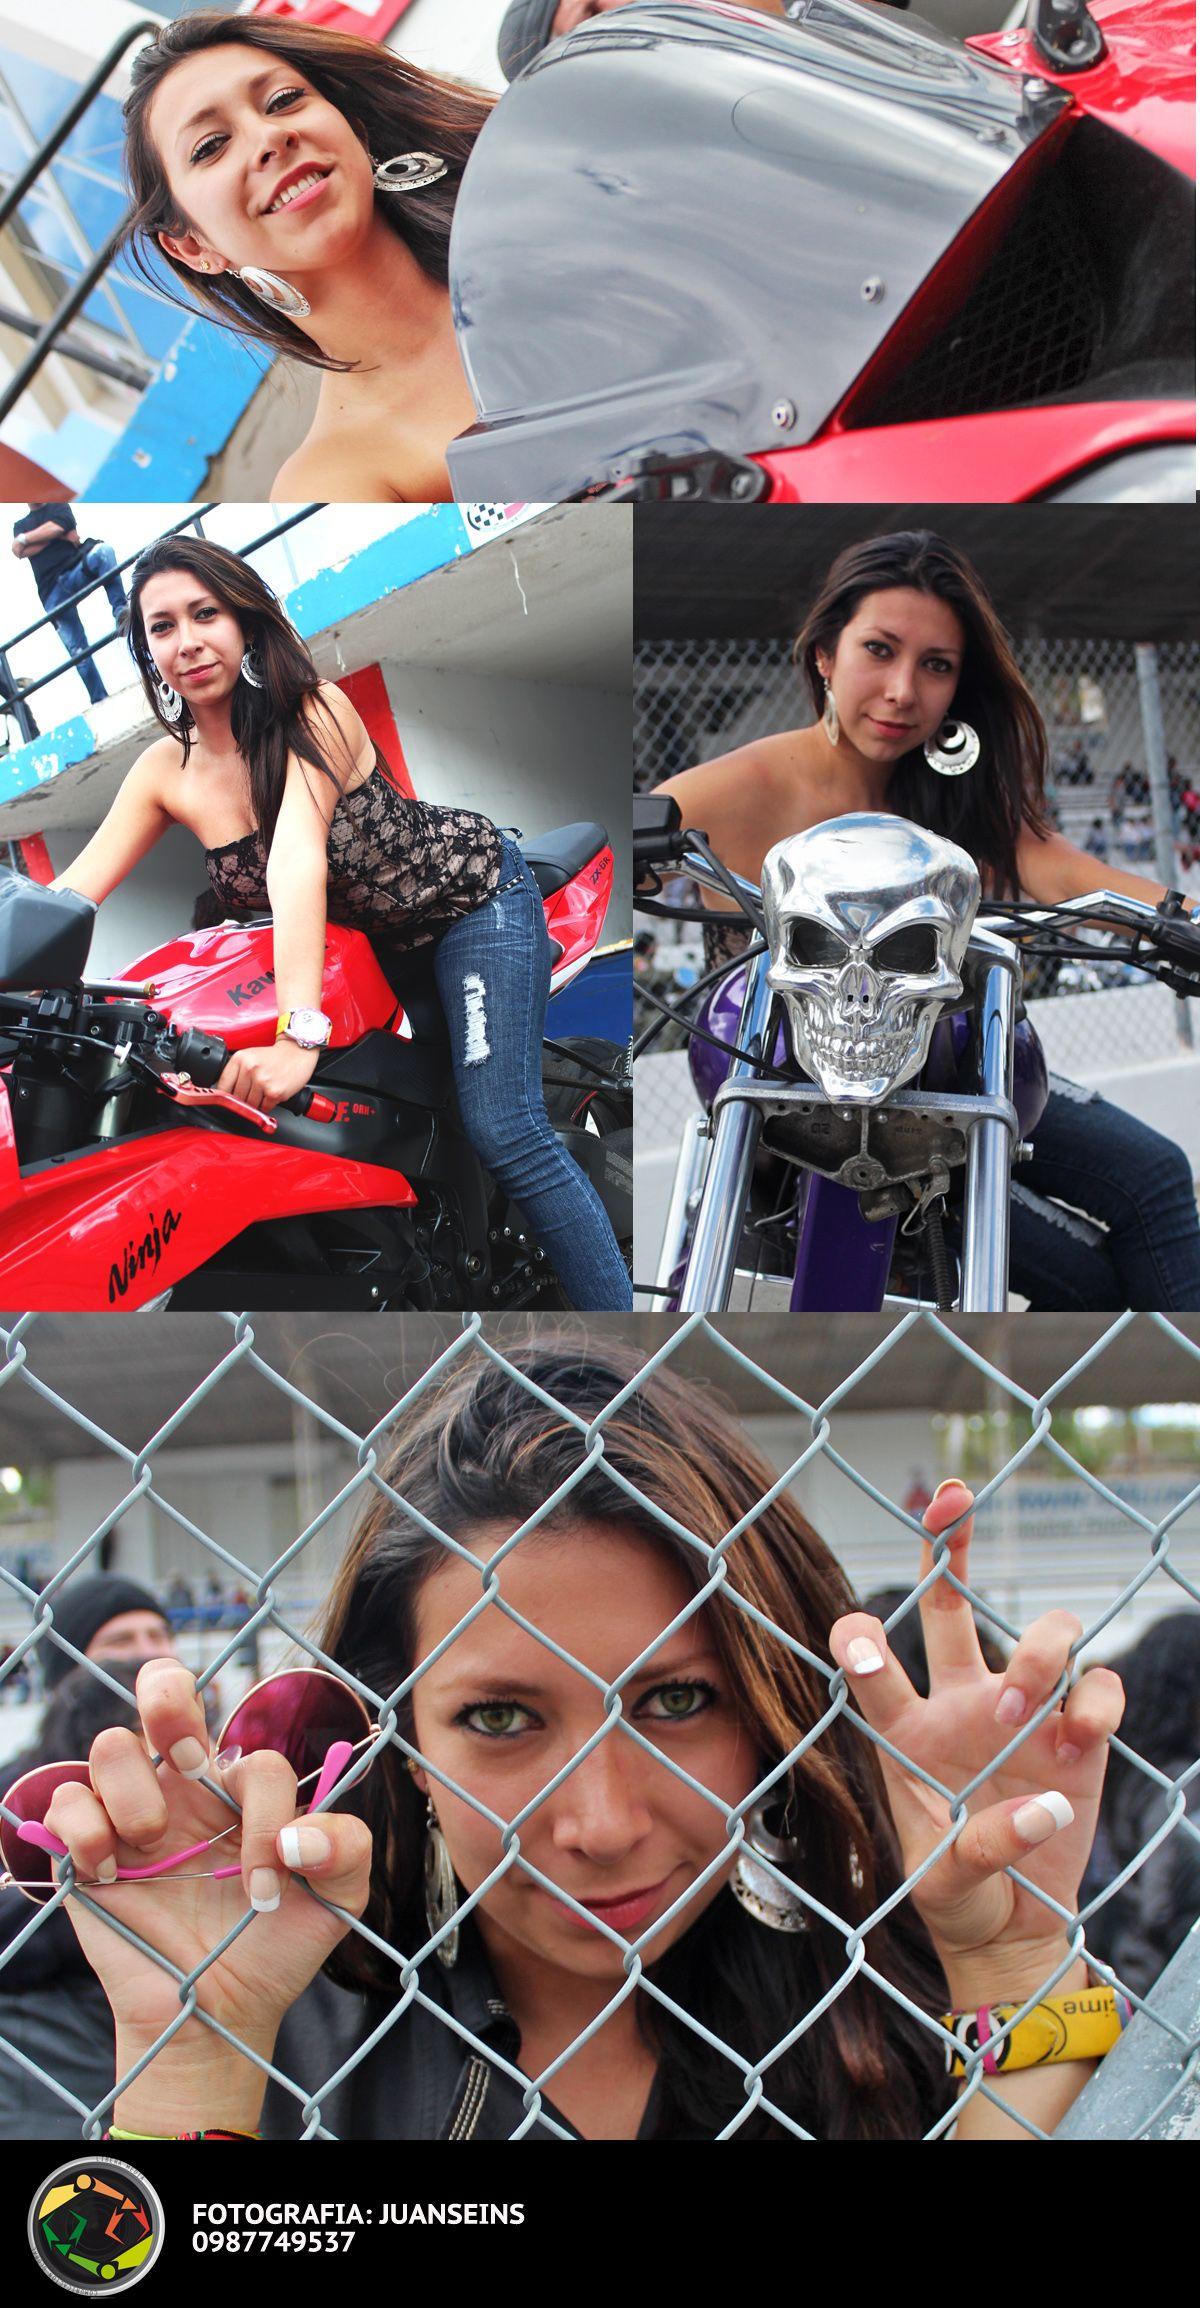 SESIONES FOTOGRAFICAS A LAS CHICAS MAS SEXYS DE ECUADOR